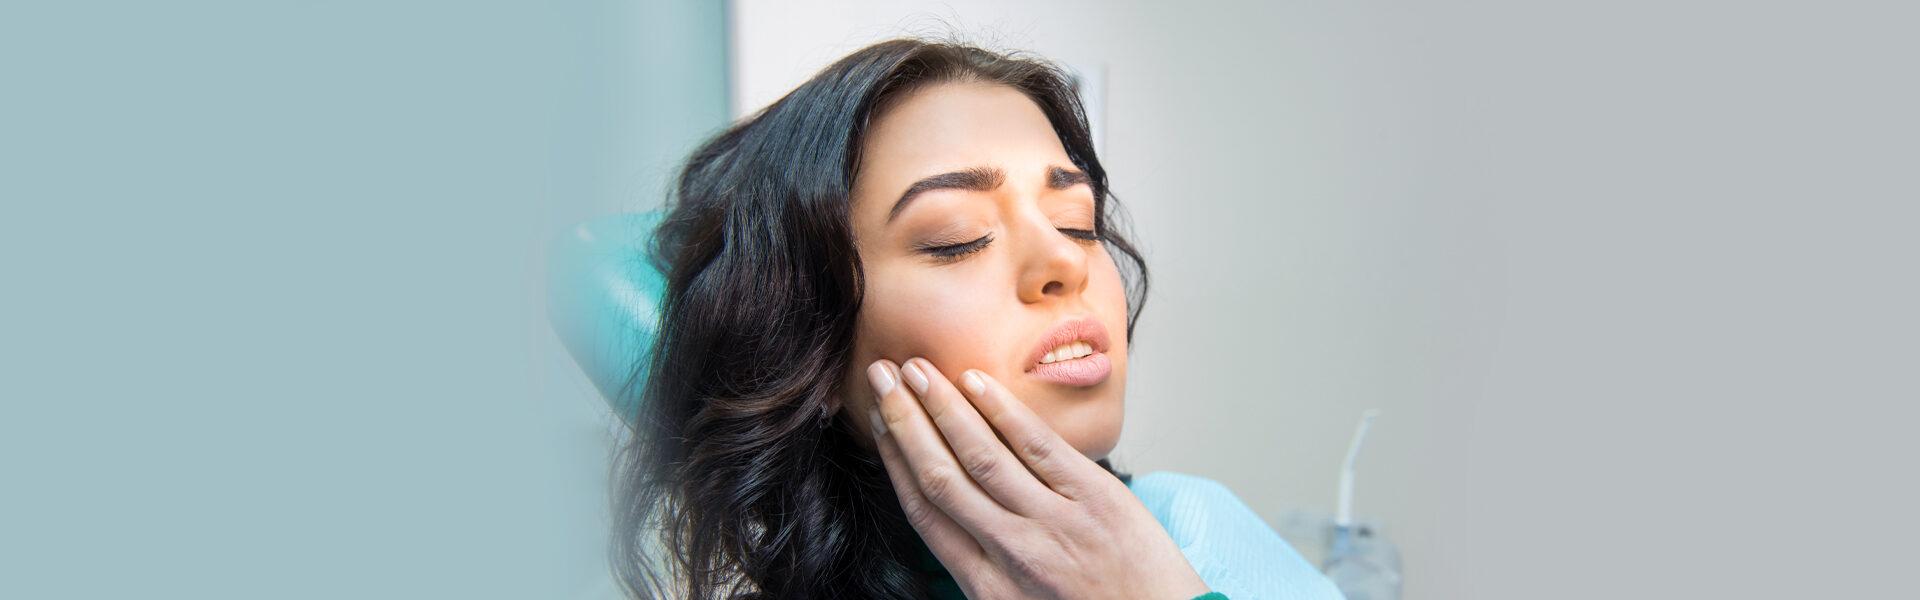 Say Good-Bye to Gum Disease